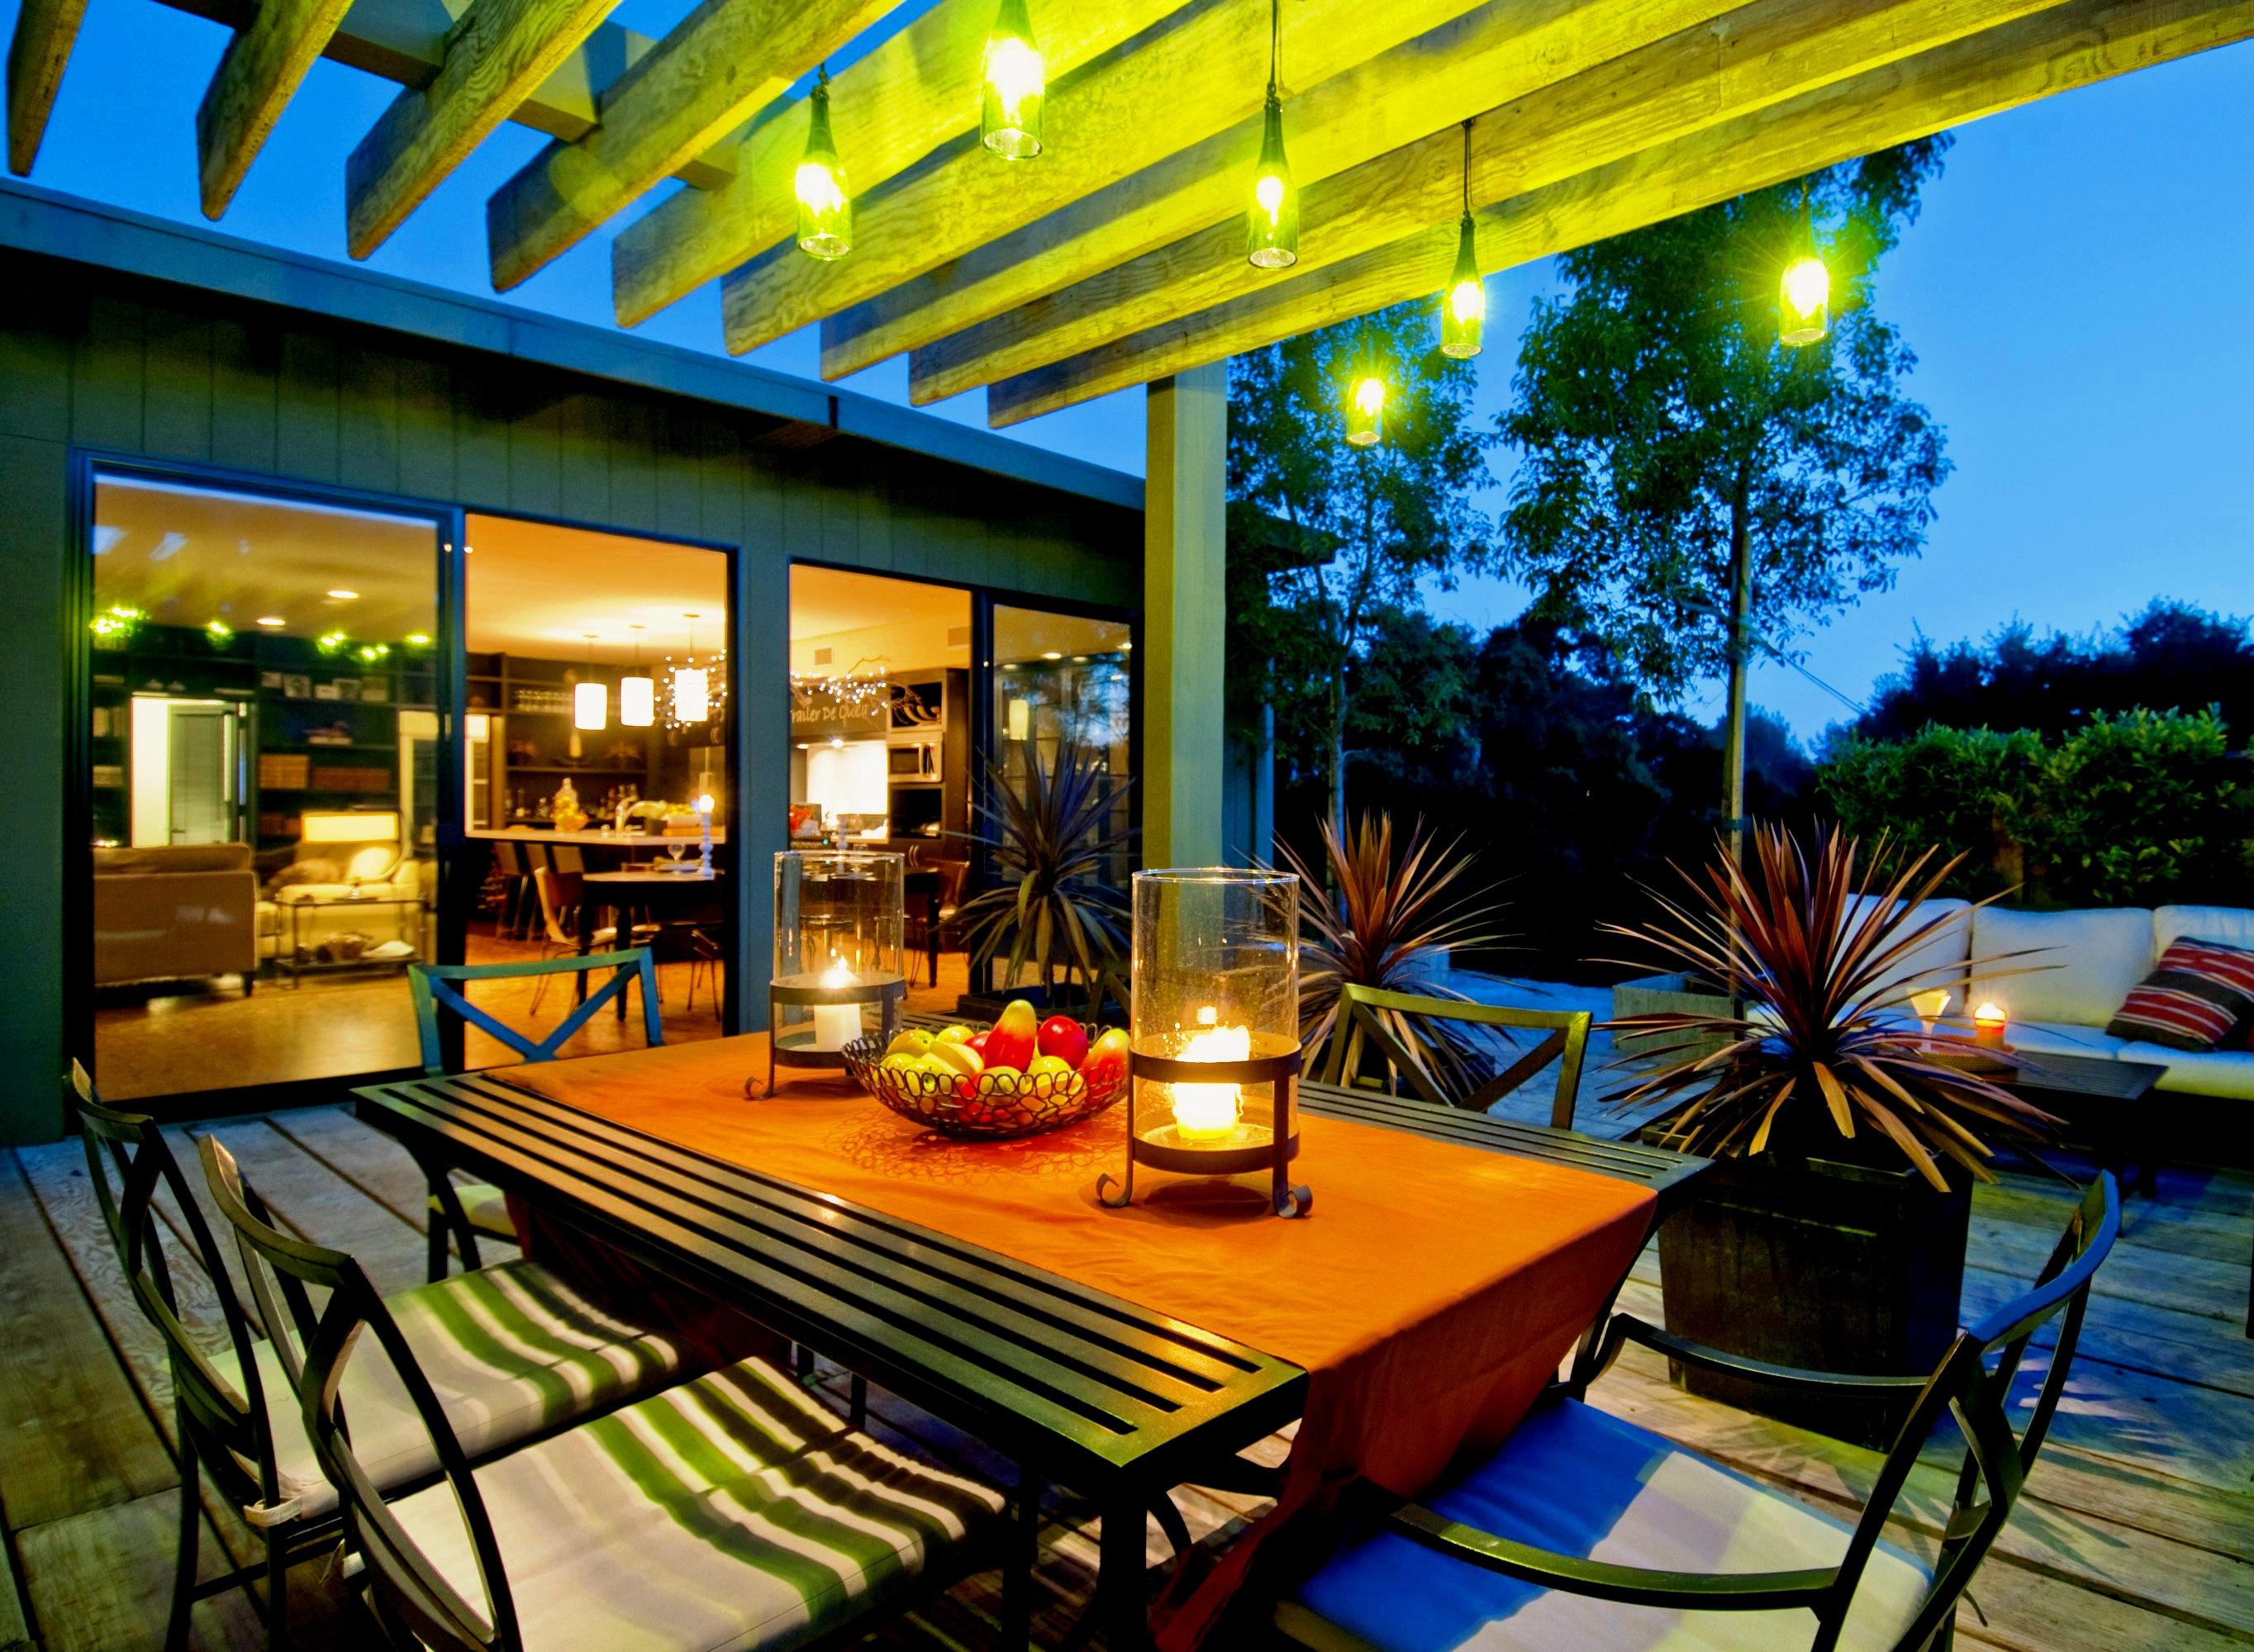 Tendencias y consejos de iluminaci n para el hogar - Iluminacion de terrazas exteriores ...